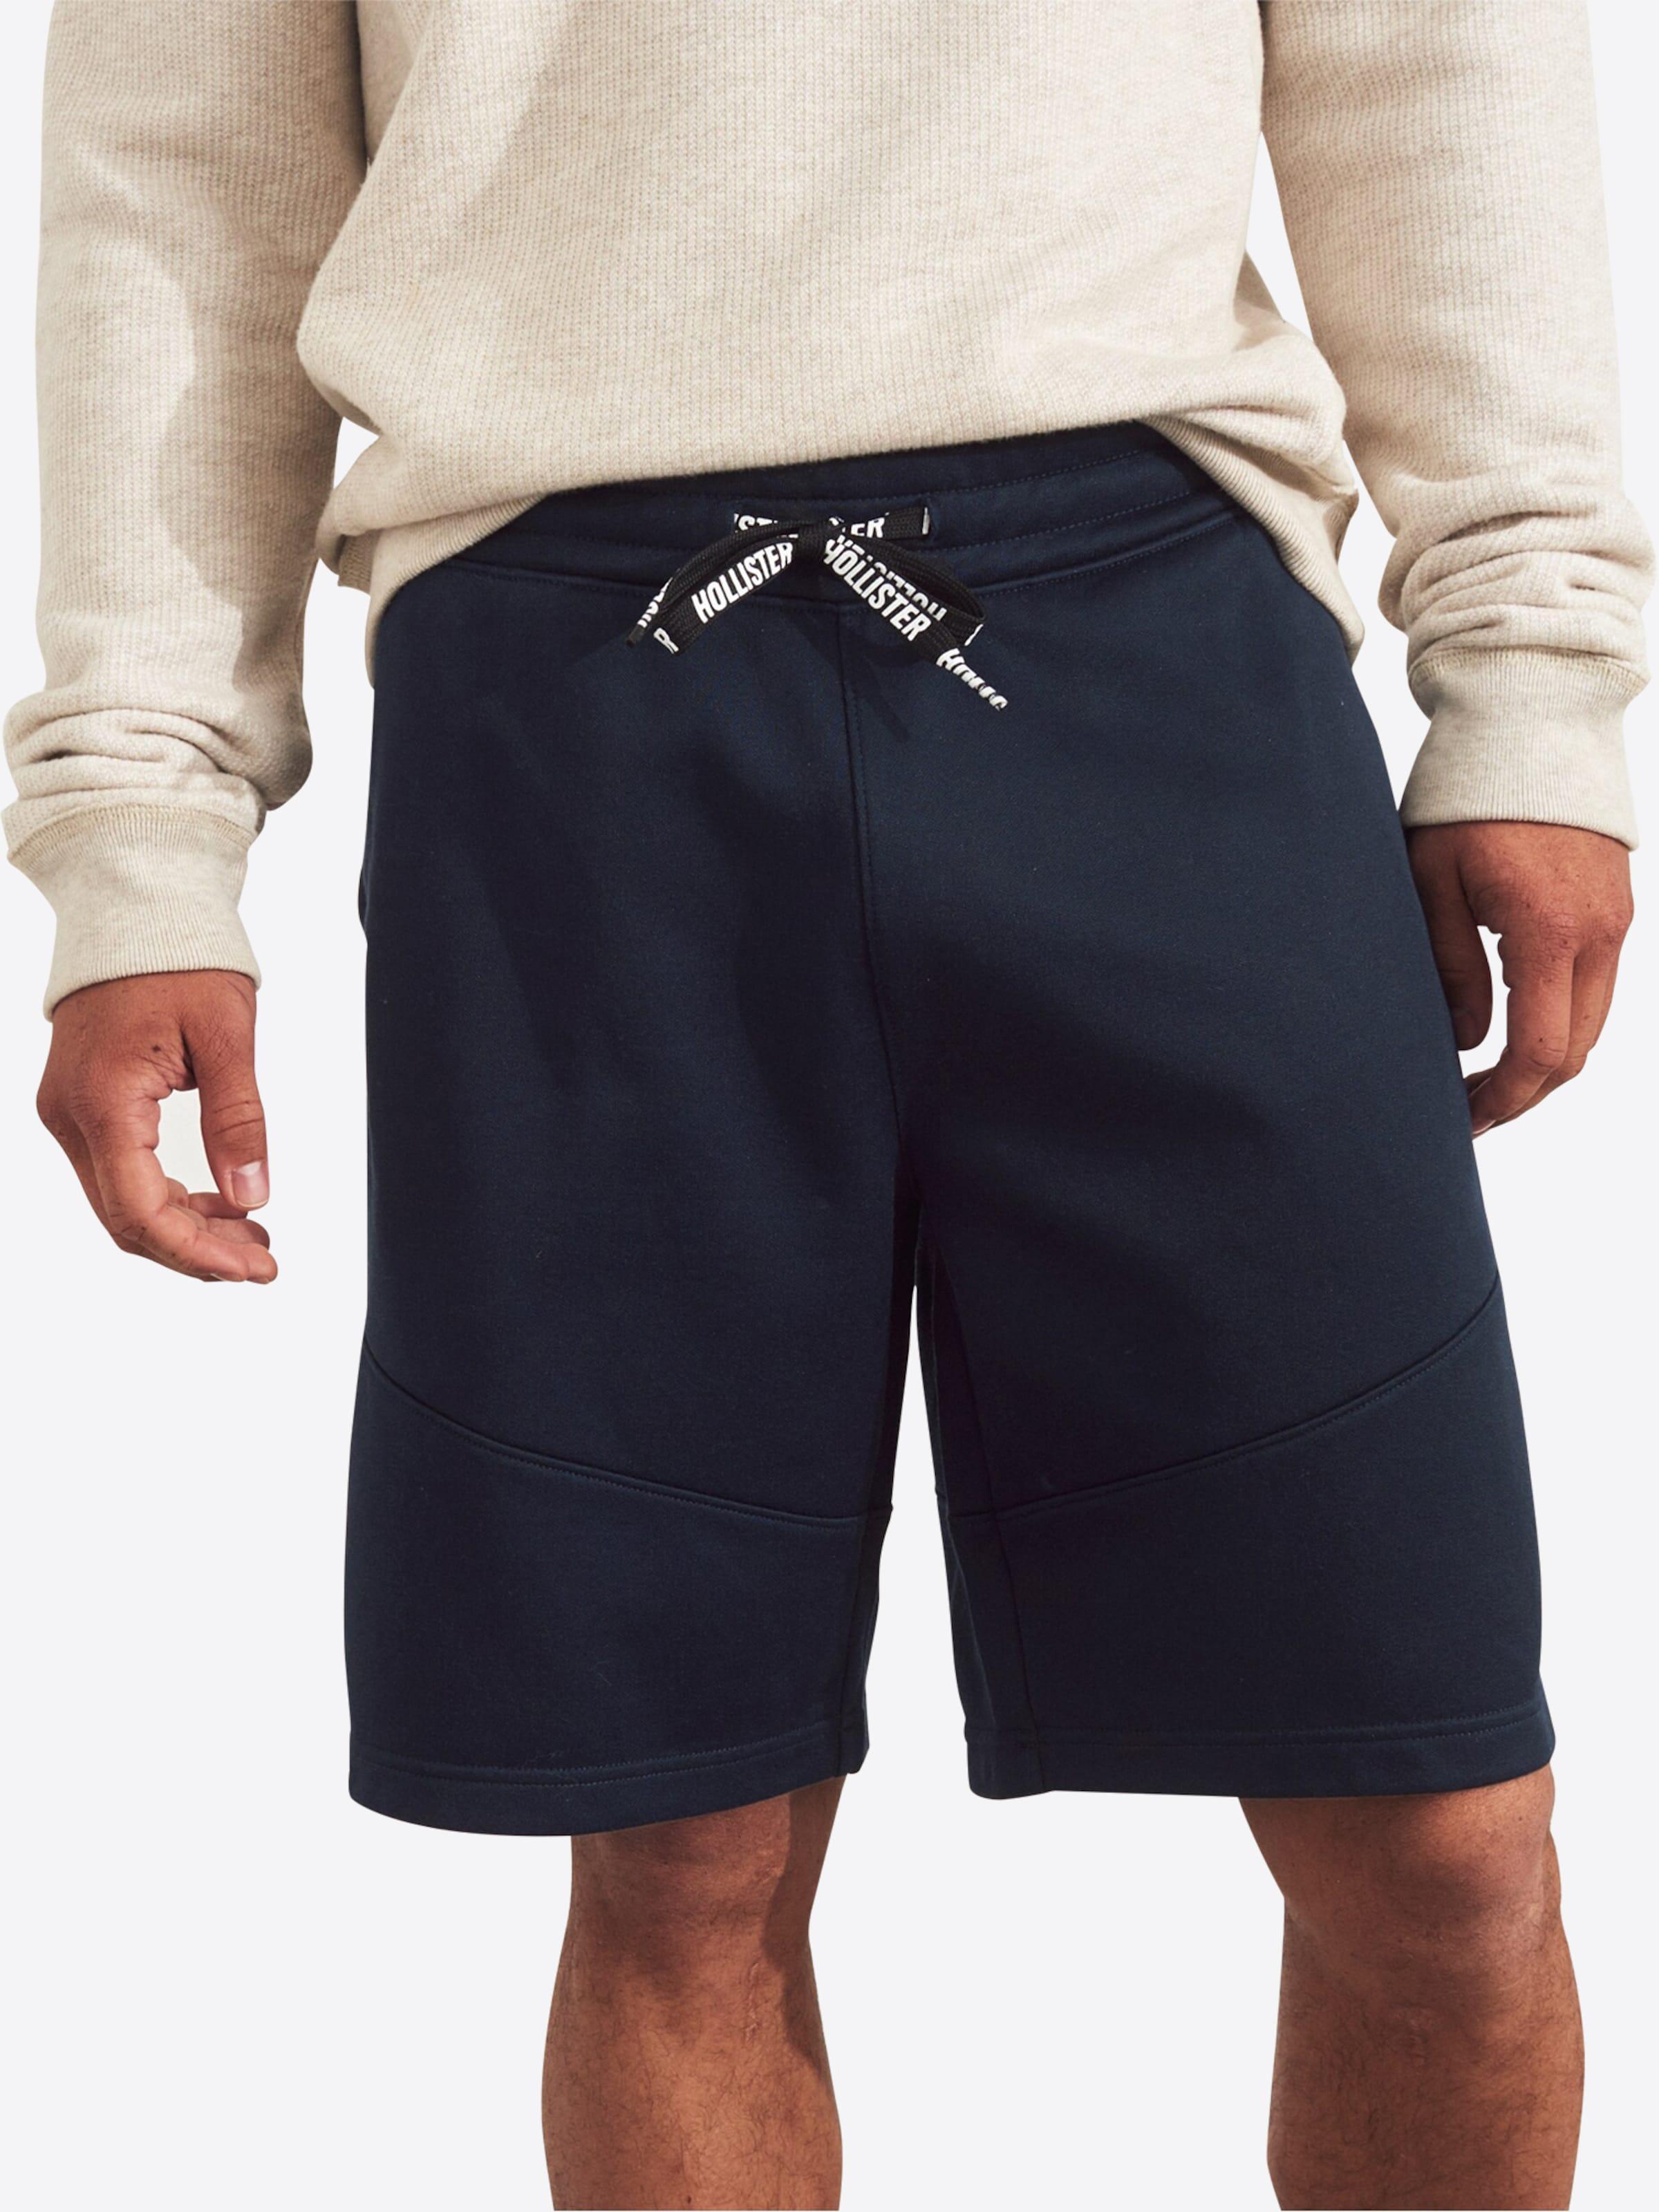 En Pantalon Piping' Marine 'tricot Bleu Hollister nP0yvmON8w